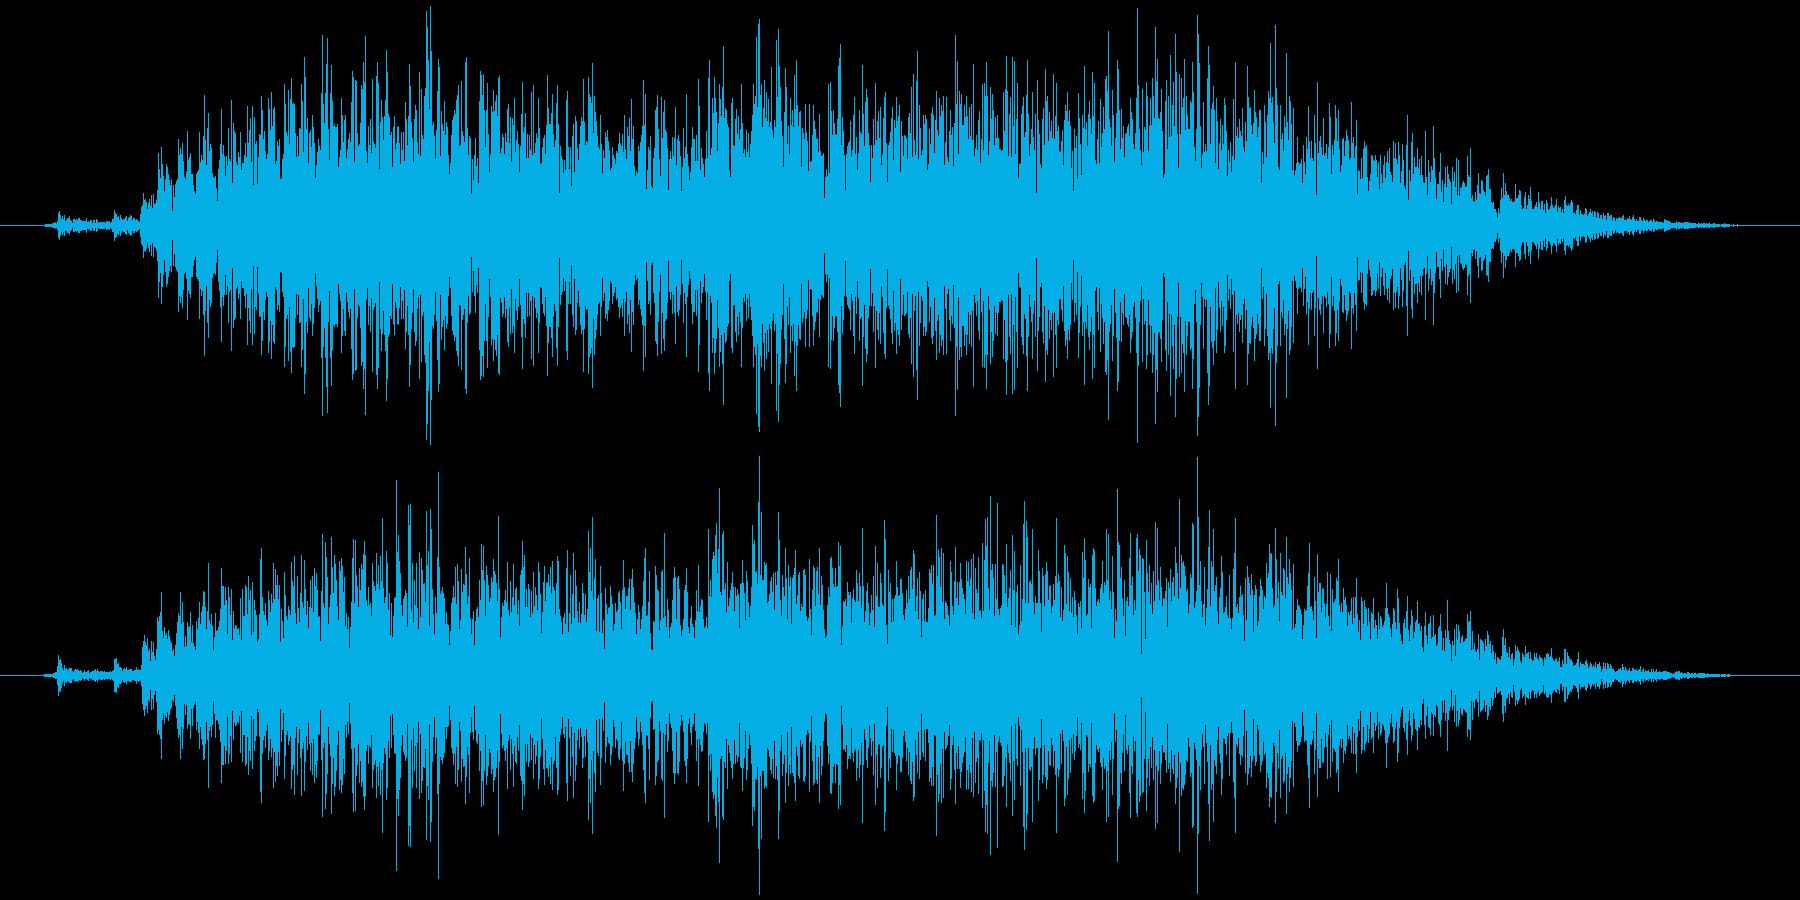 オーブントースター タイマー巻く ギギギの再生済みの波形